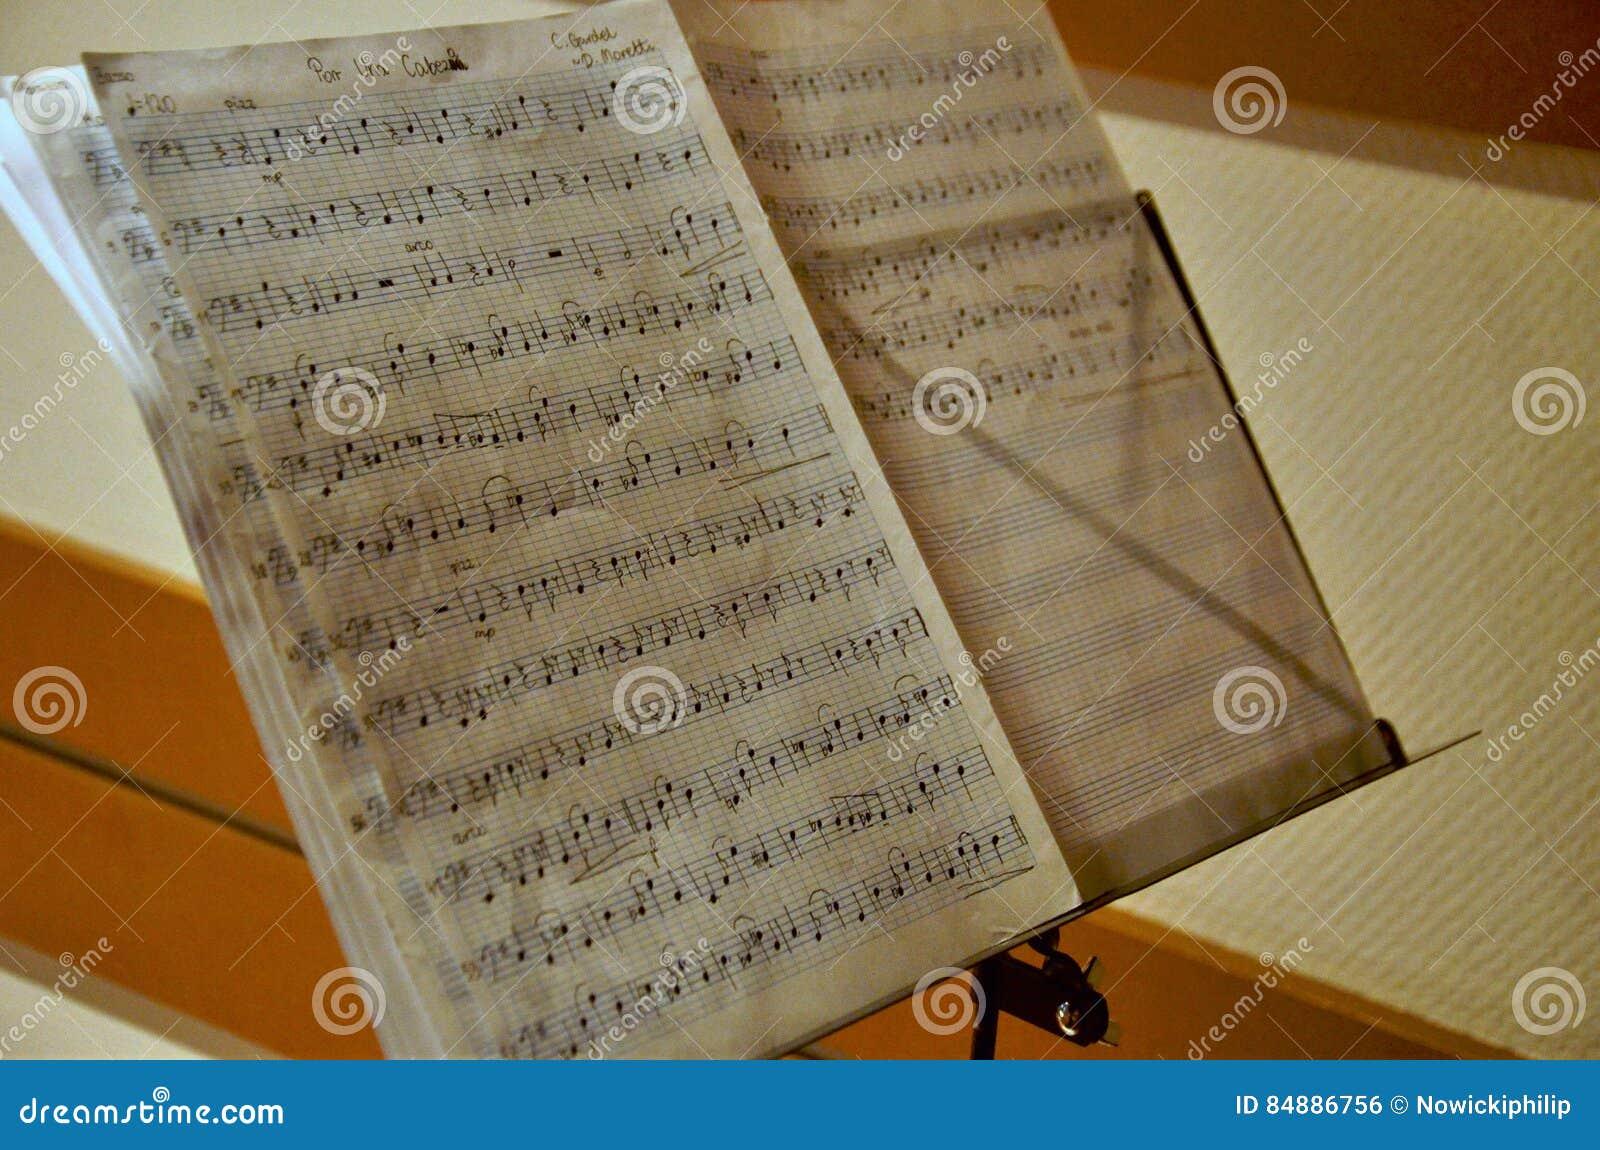 Notas escritas à mão da música